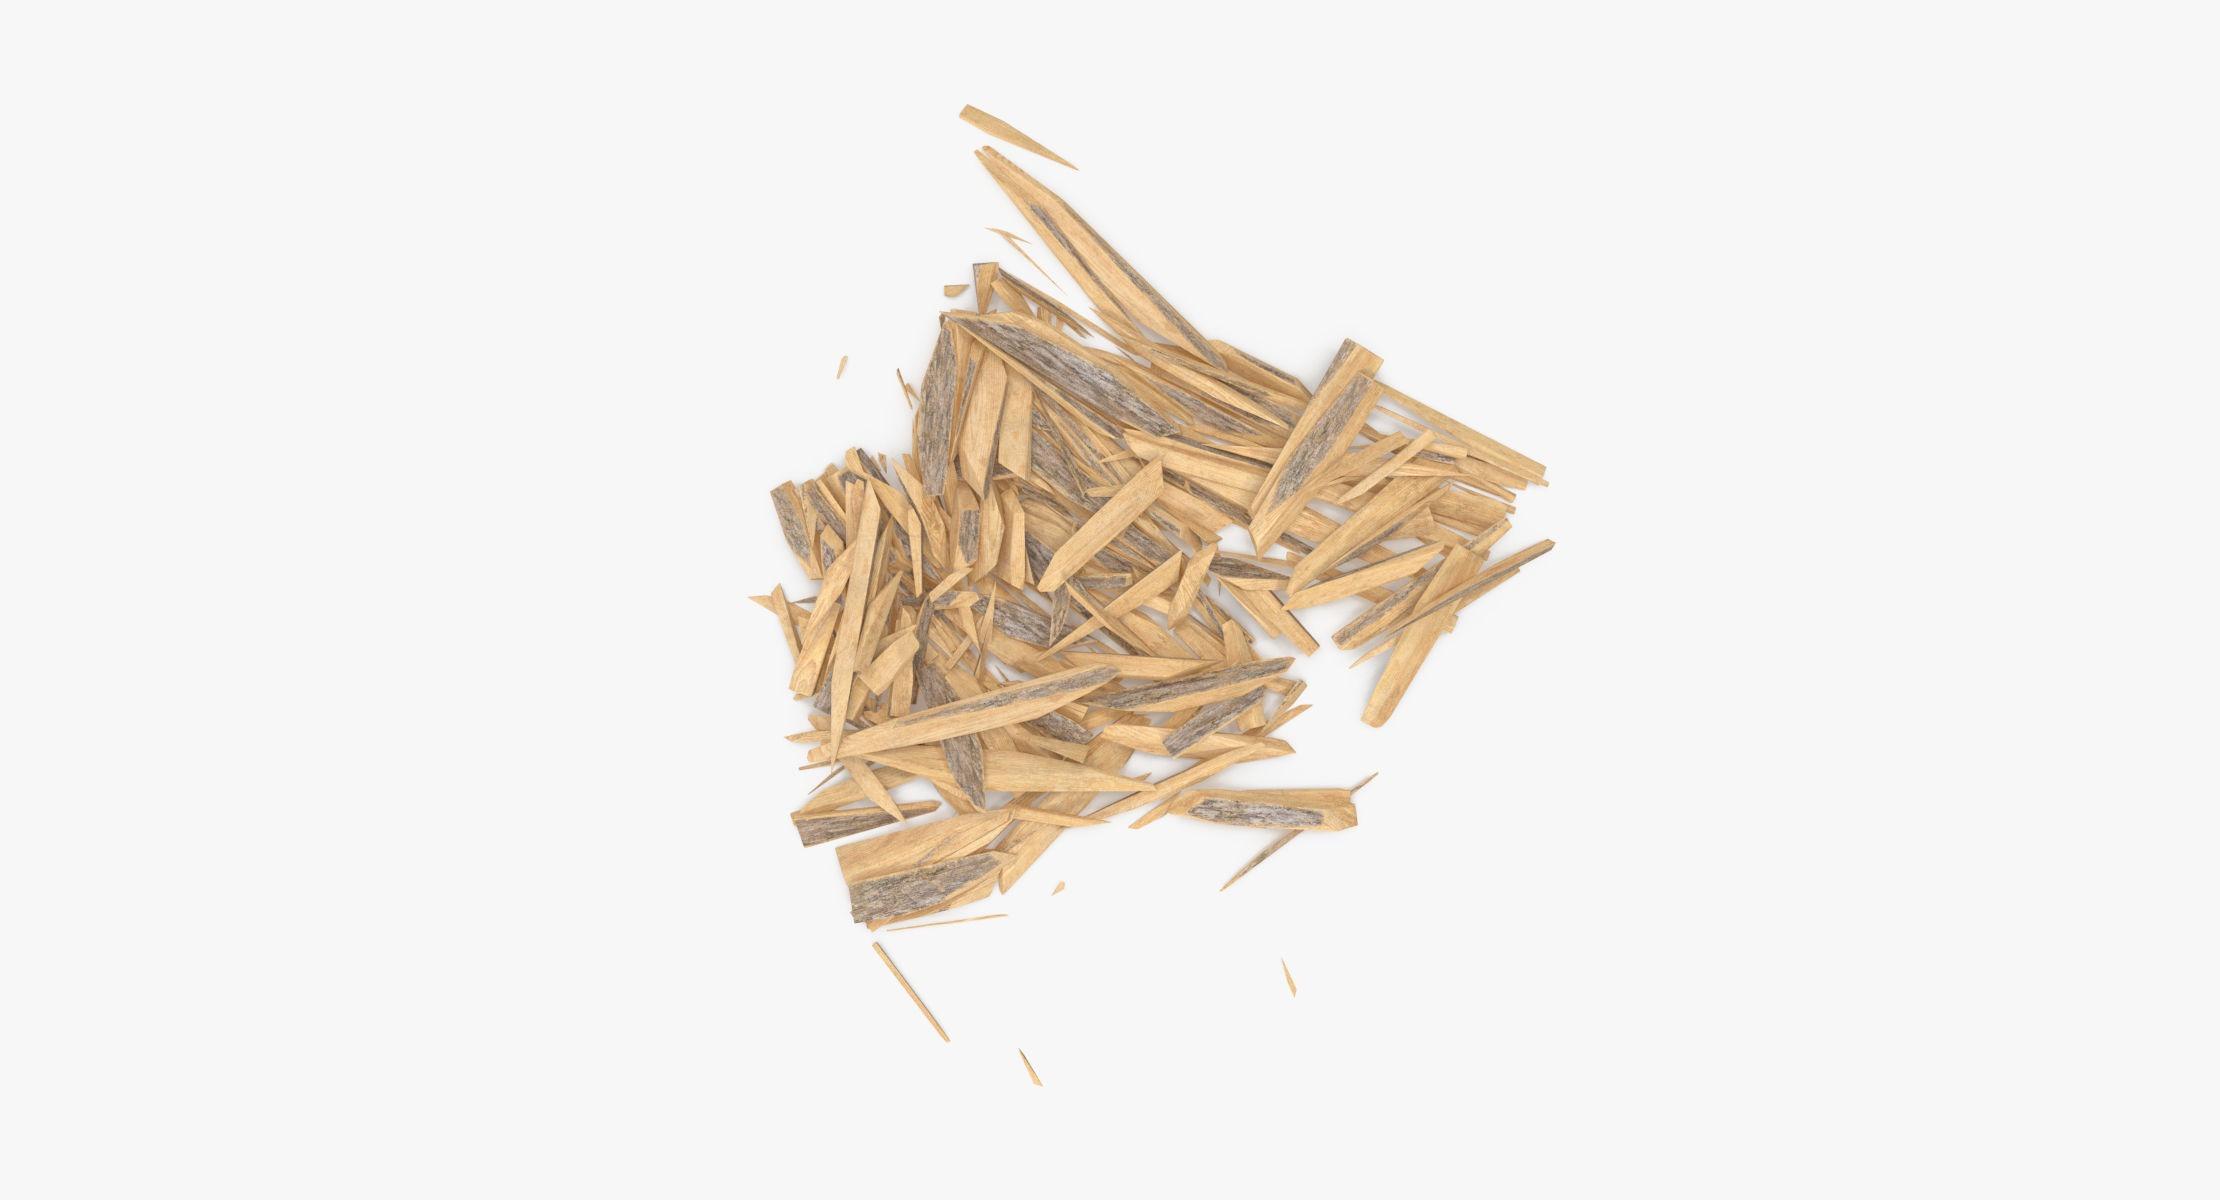 Splintered Wood 02 - reel 1